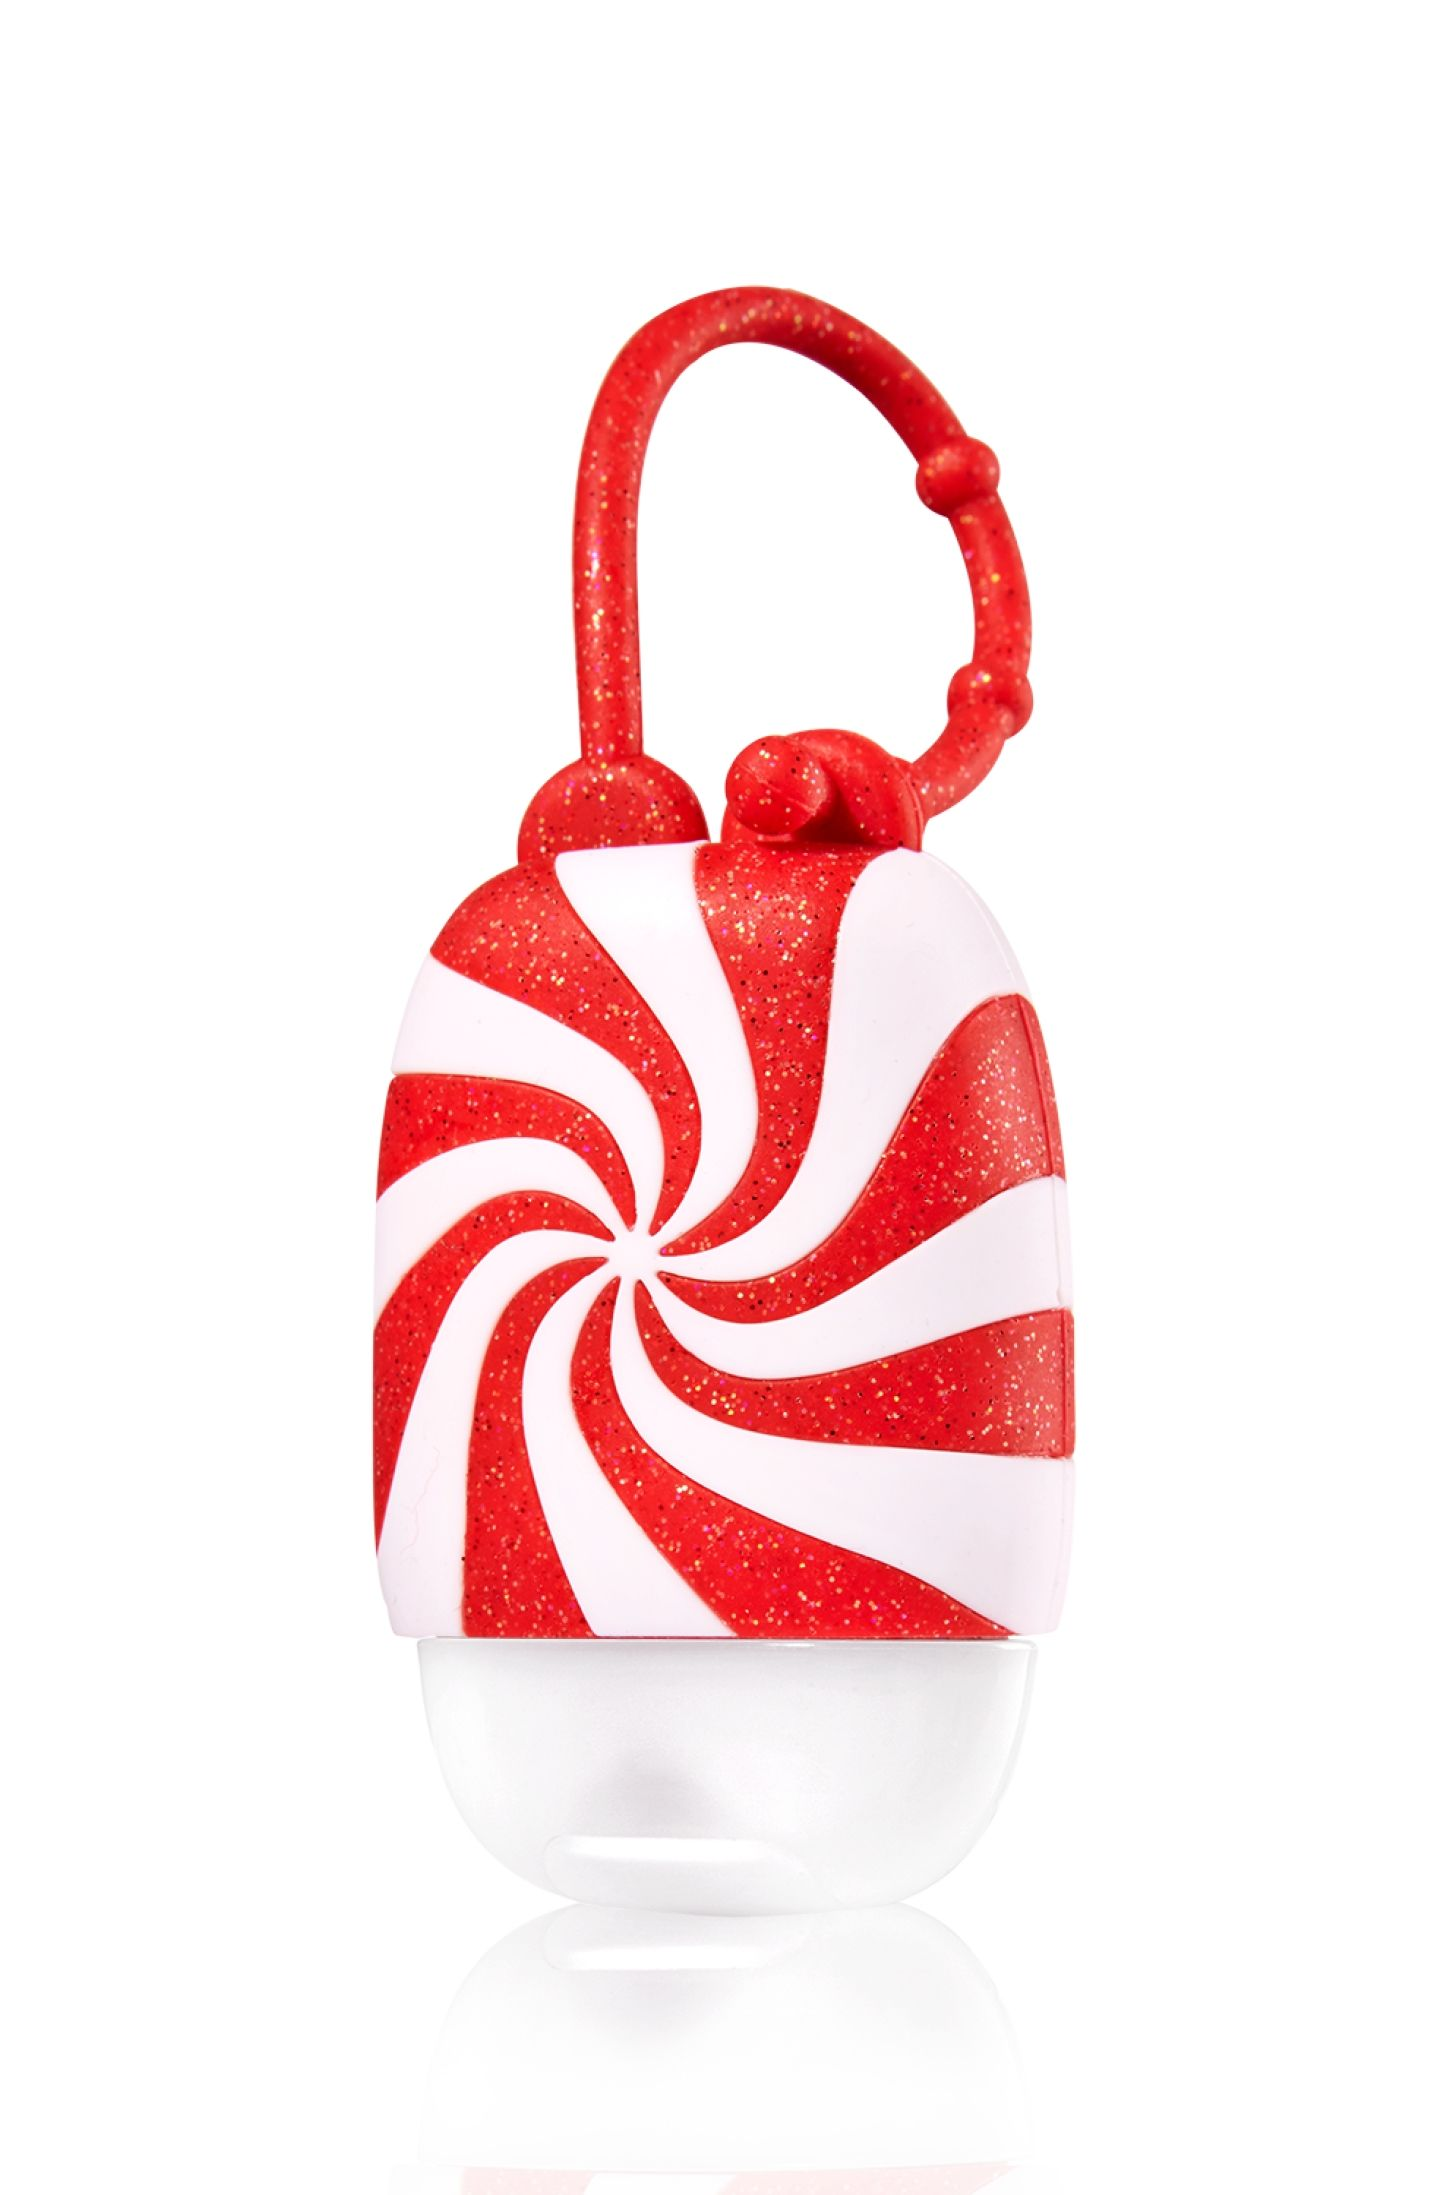 Candy Cane Swirl Pocketbac Holder Bath Body Works Bath